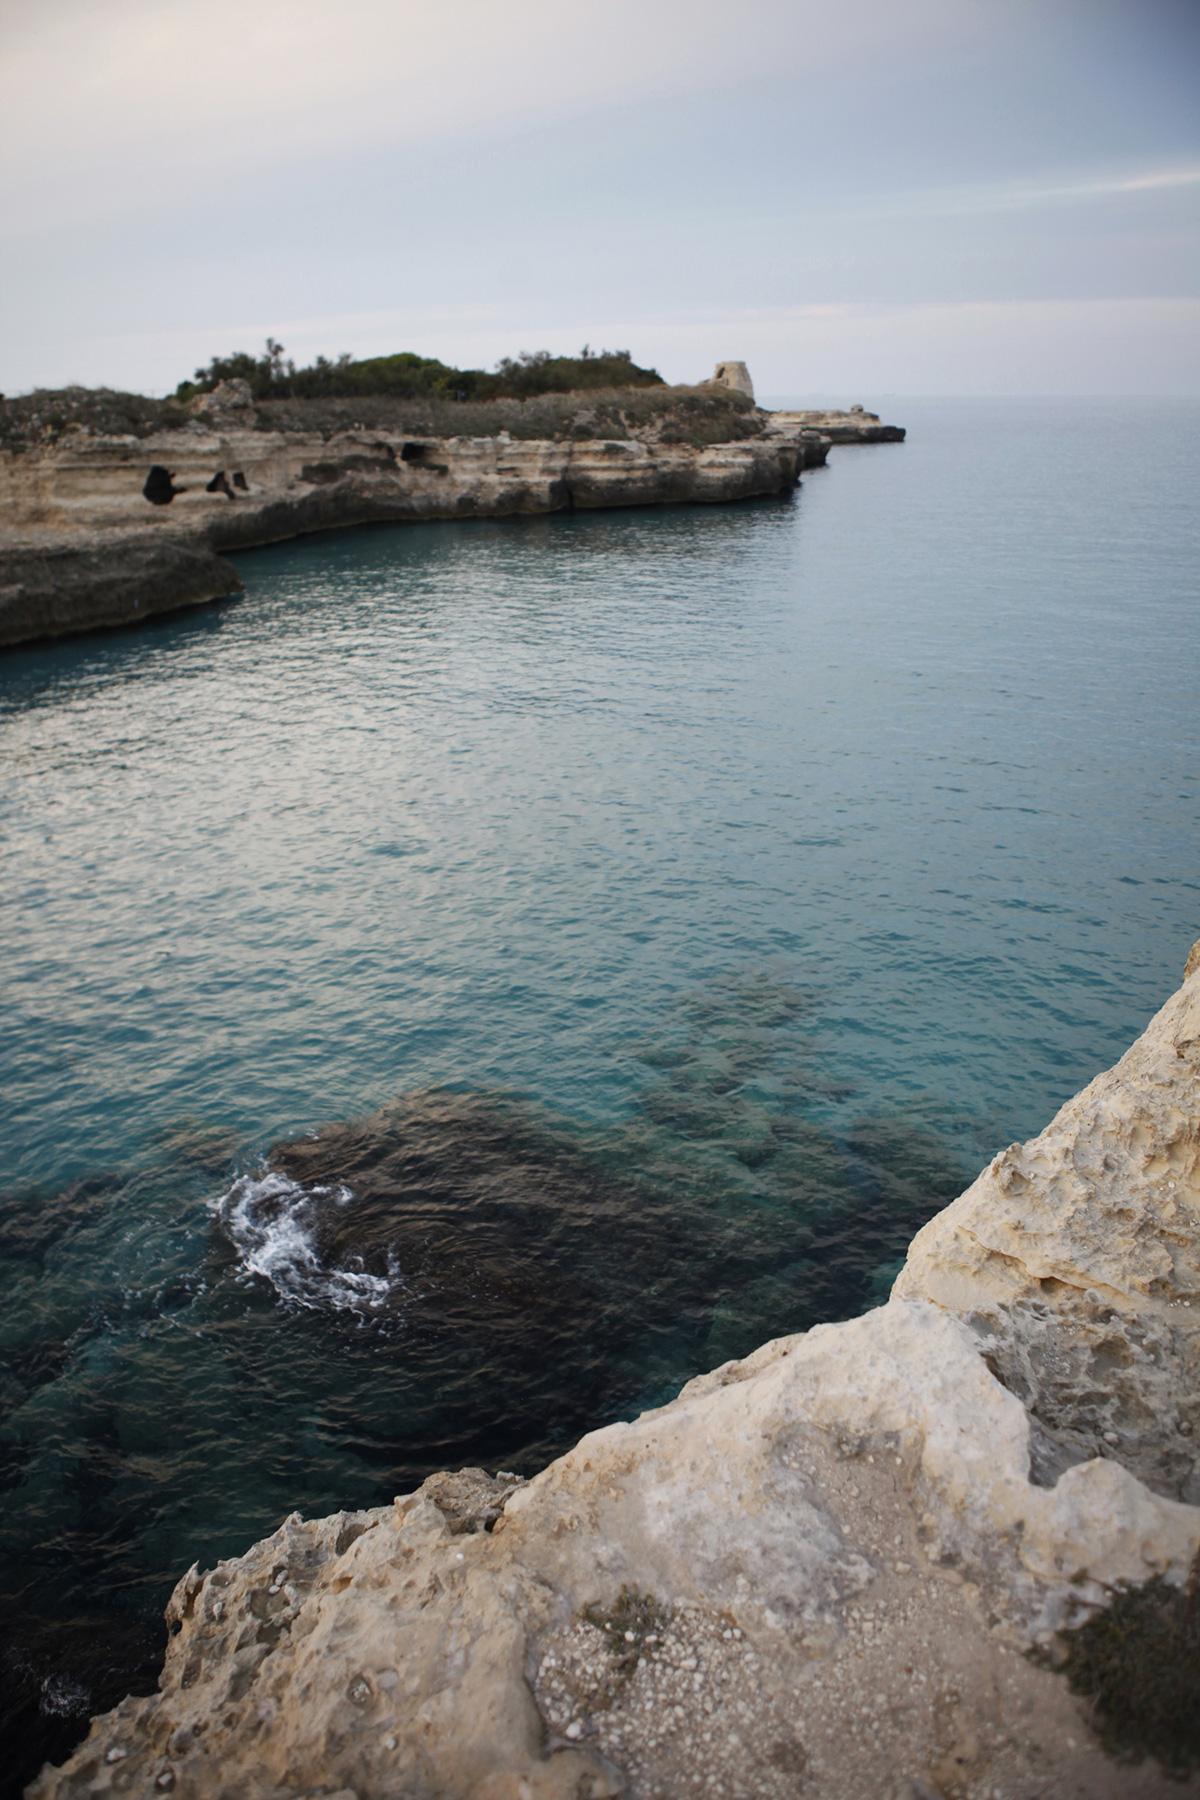 مطلة على البحر في بوليا التصوير الفوتوغرافي بواسطة belathee